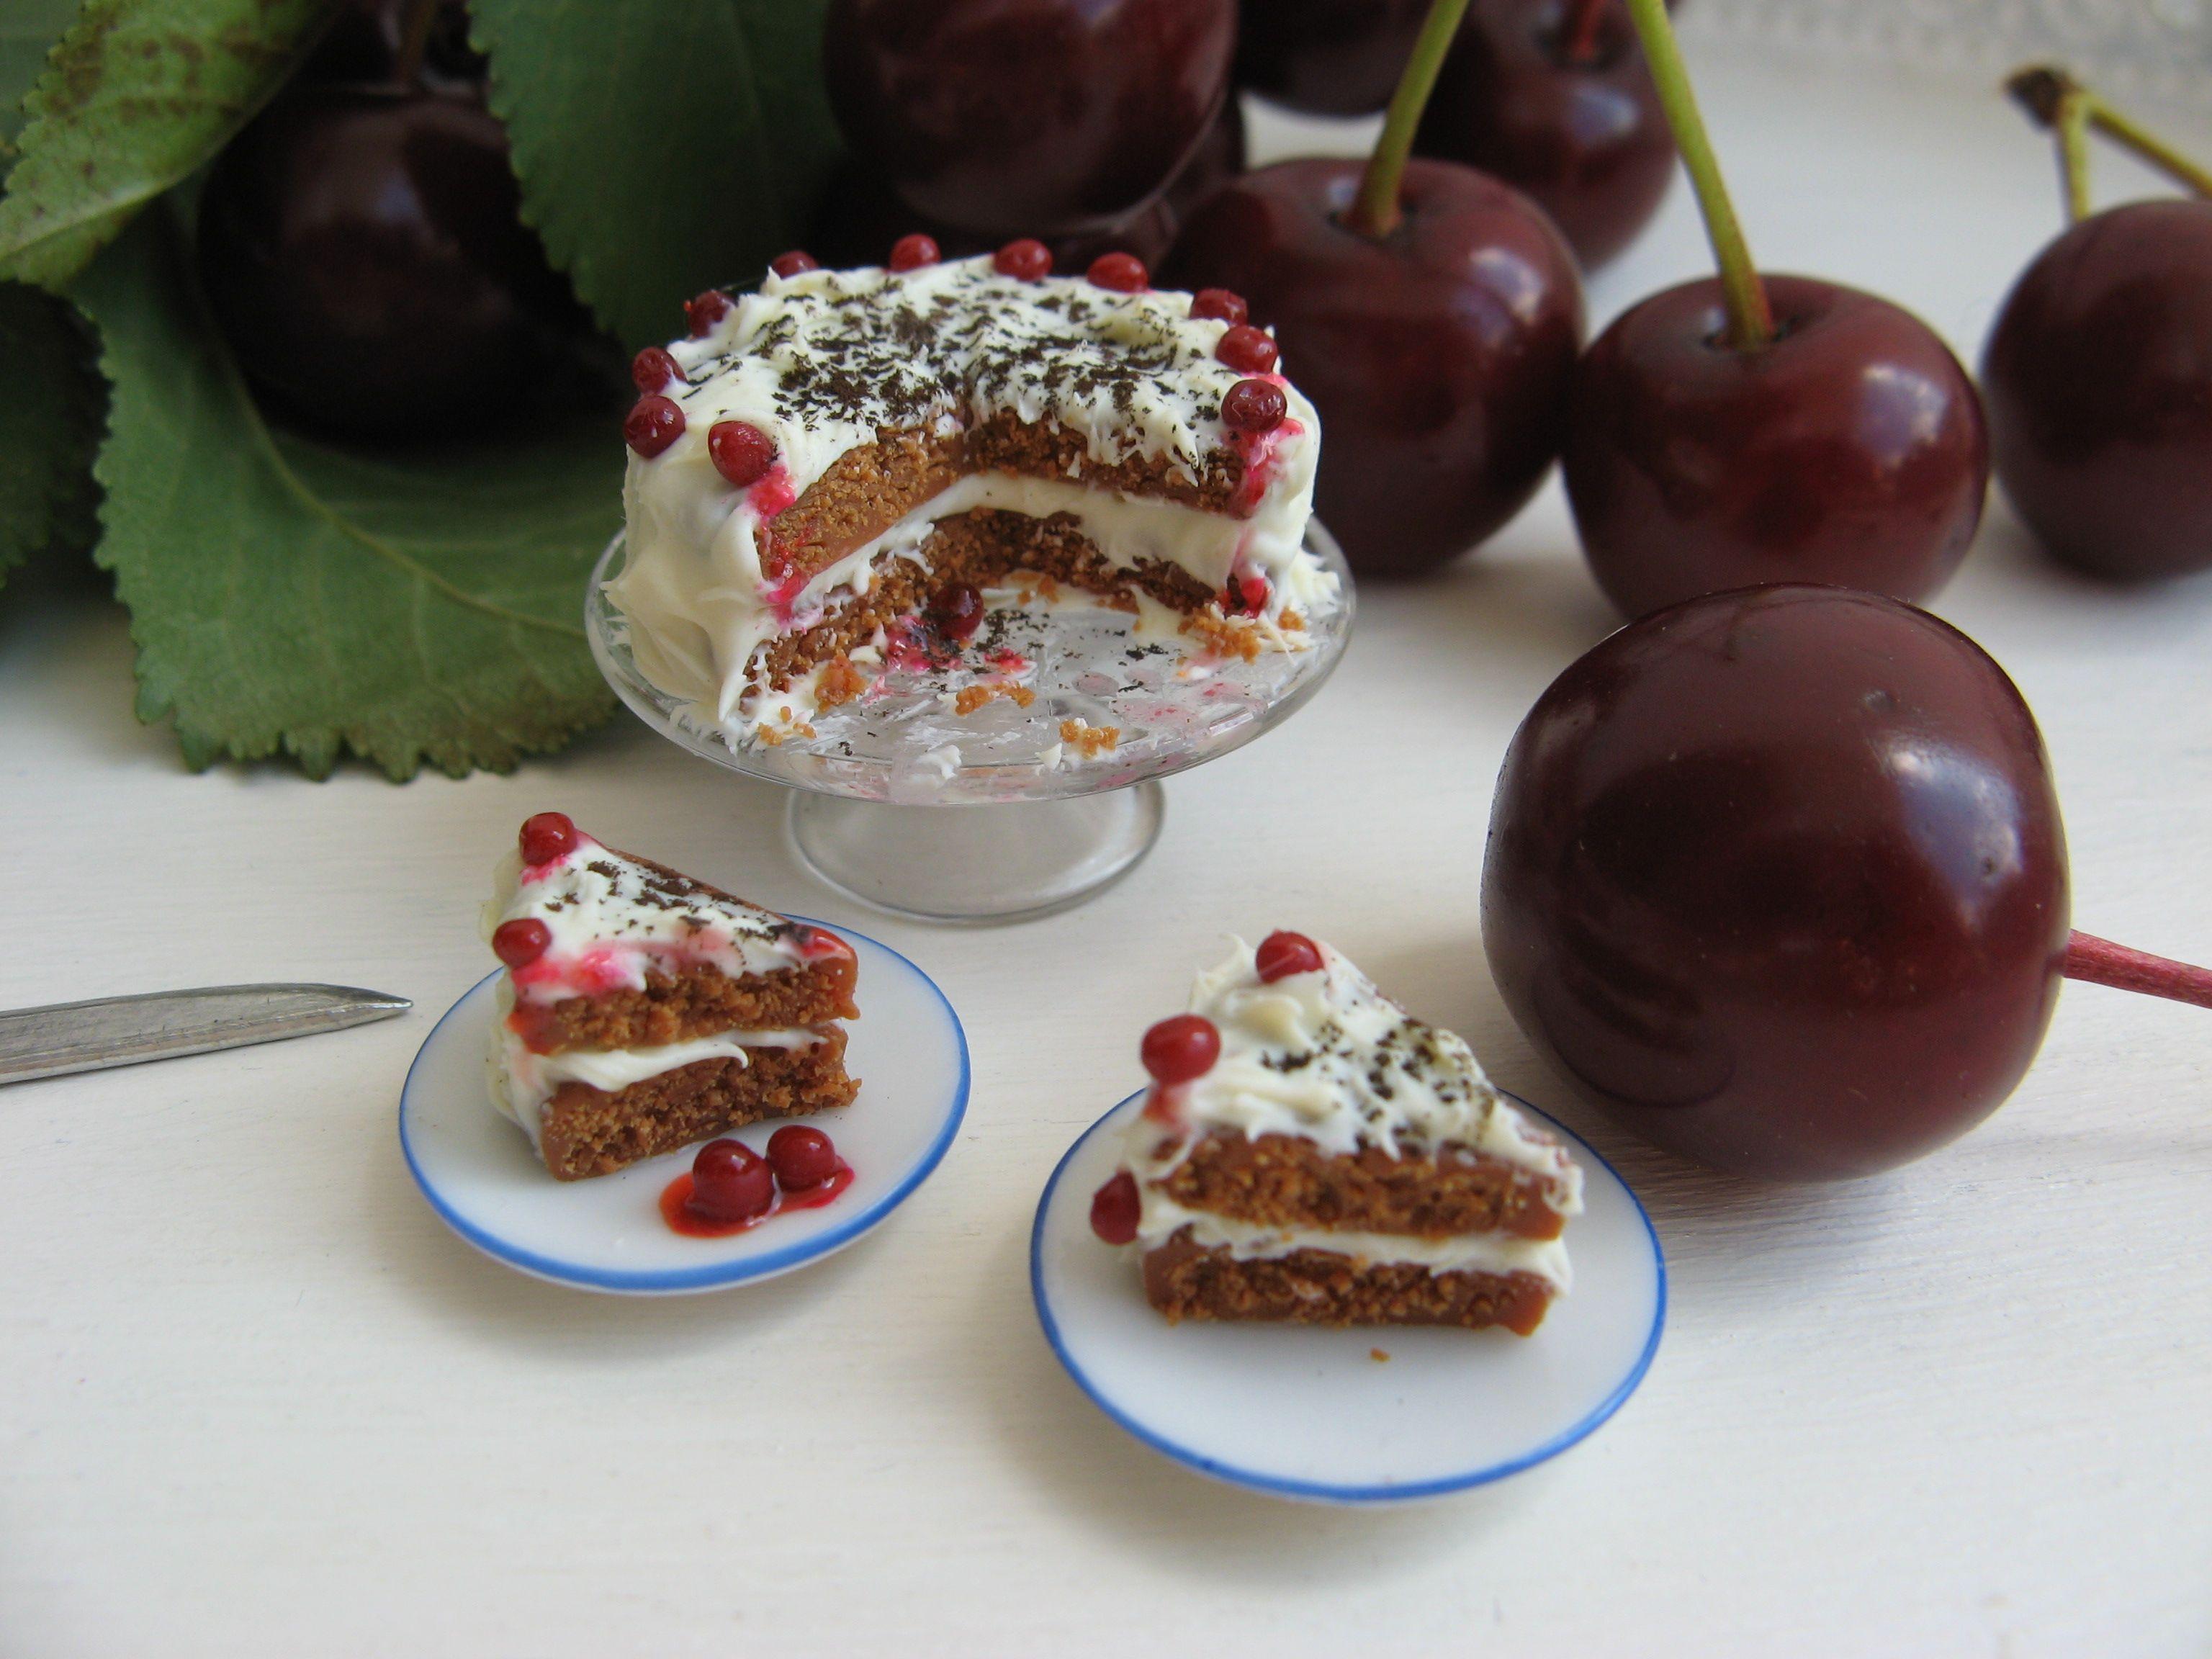 Two-layered cherry cake.